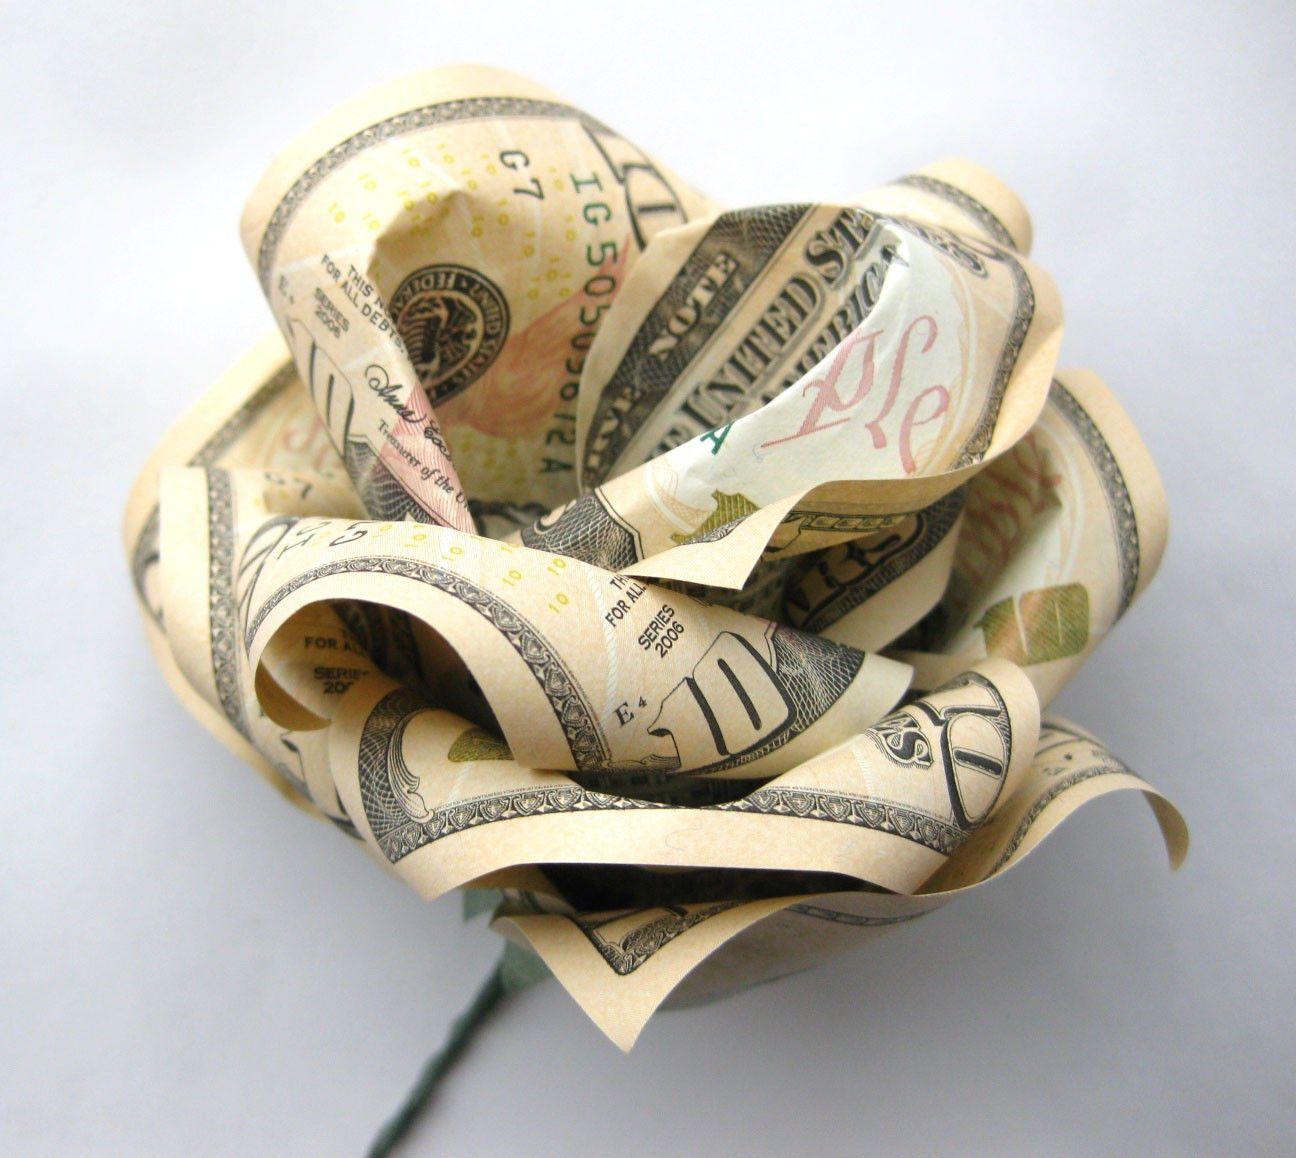 10 Bill Rose Flower Money Origami Dollar Bill Art Gifts